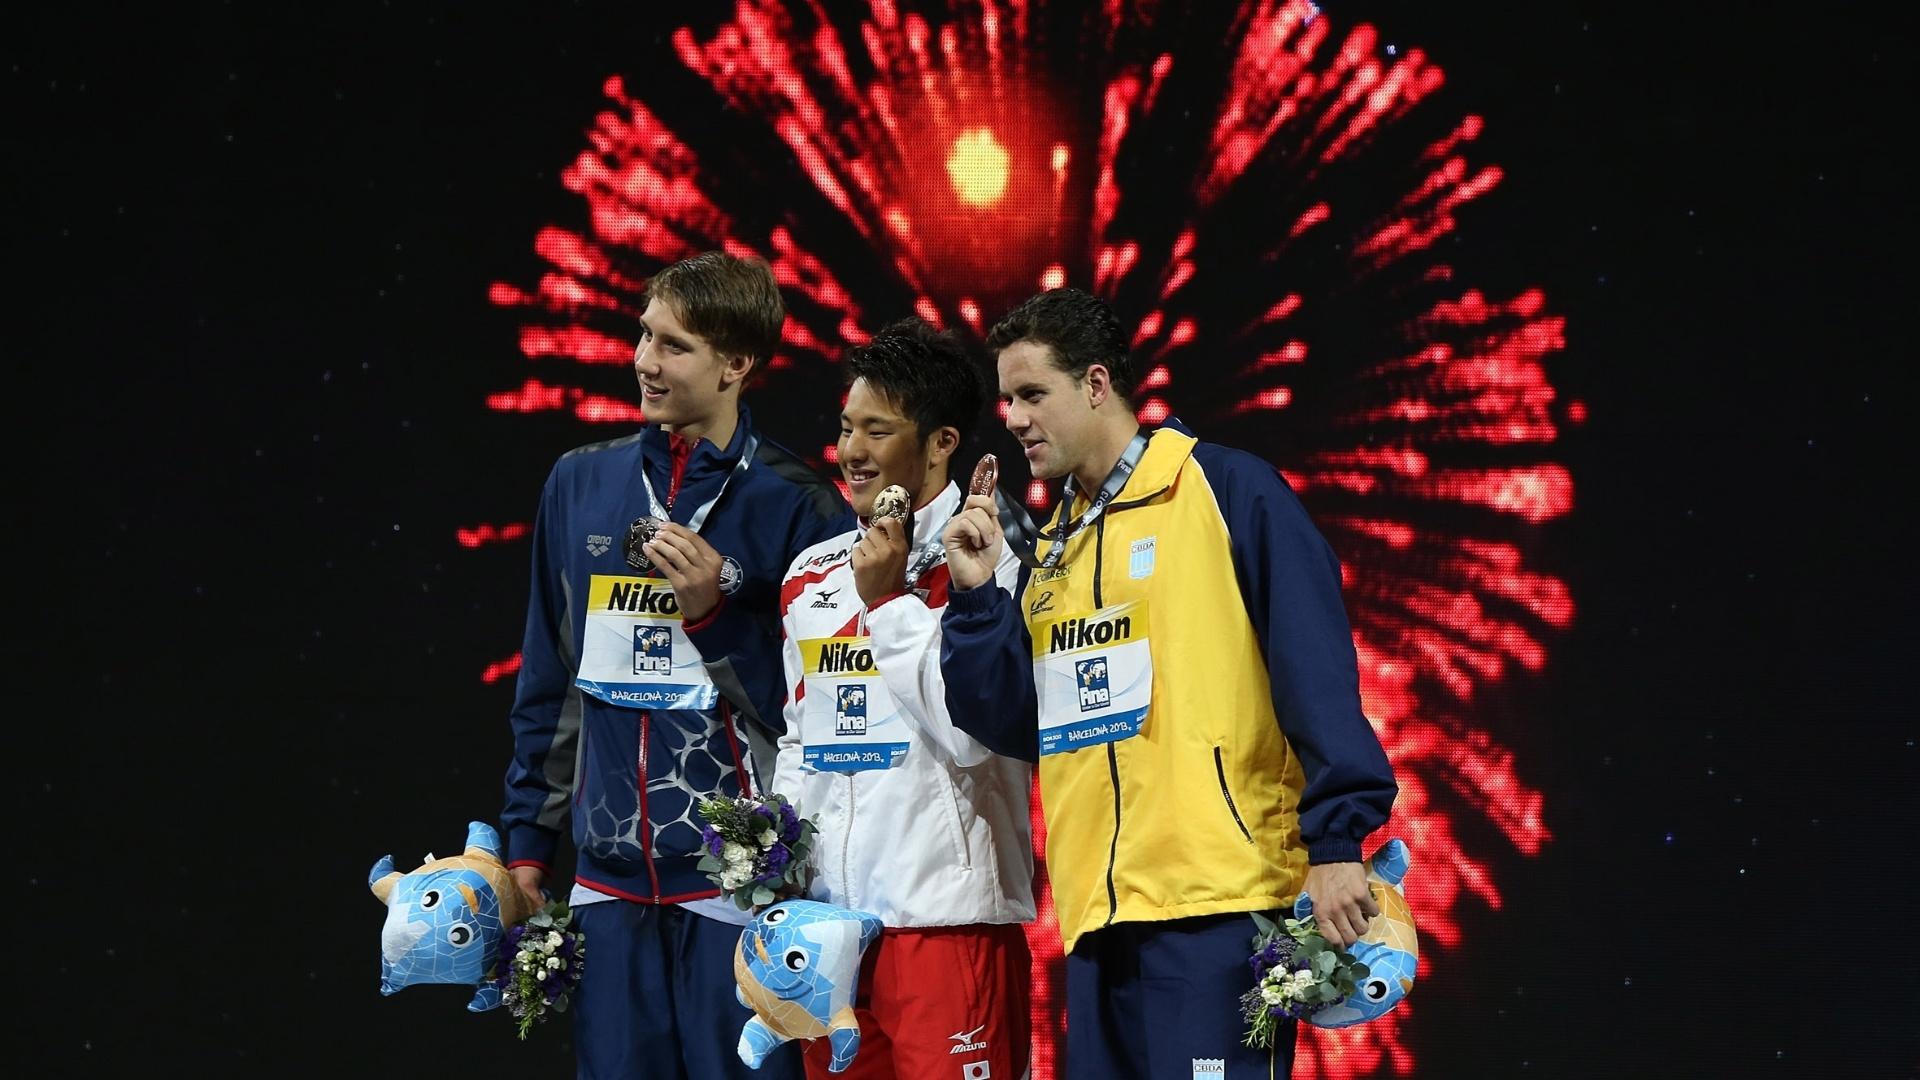 04.ago.2013 - Pódio dos 400 m medley, com ouro para o japonês Daiya Seto, prata para o norte-americano Chase Kalisz e bronze para o brasileiro Thiago Pereira